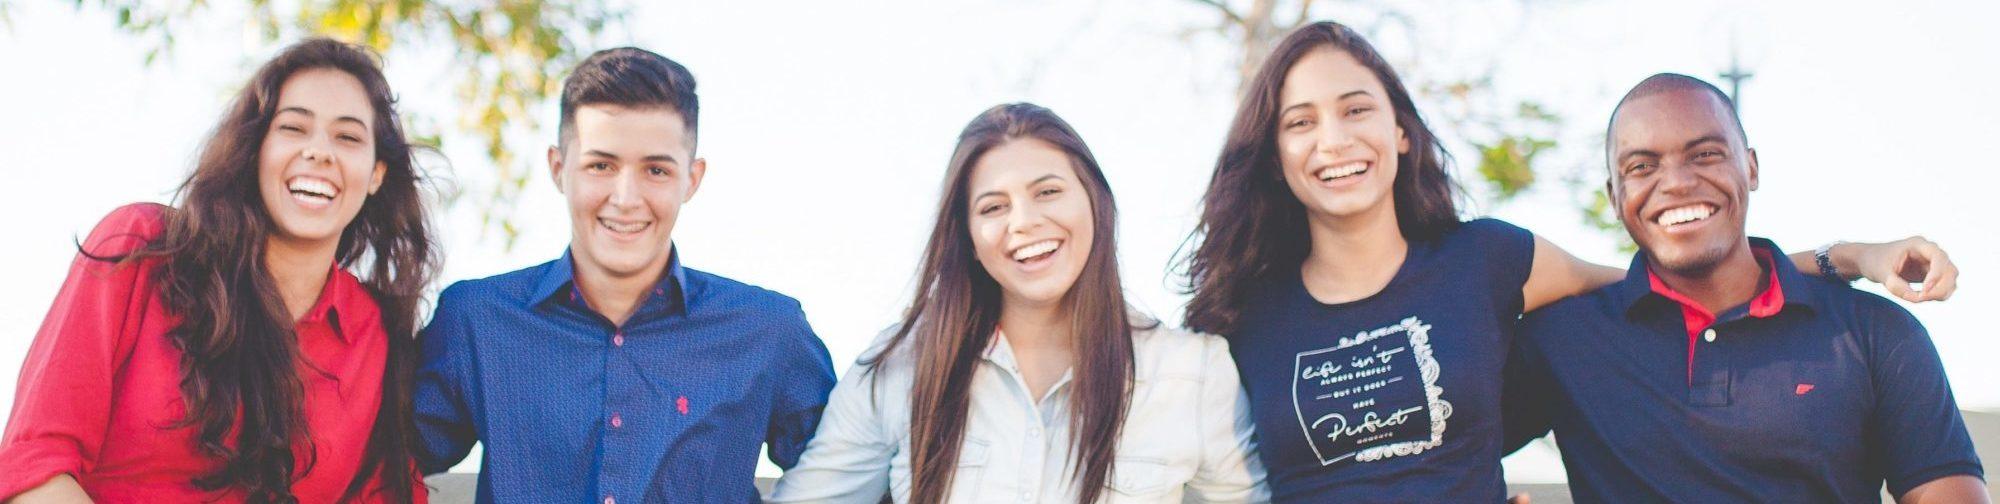 groupe d'amis en train de sourire au chateau Vaillant internat college lycee esport